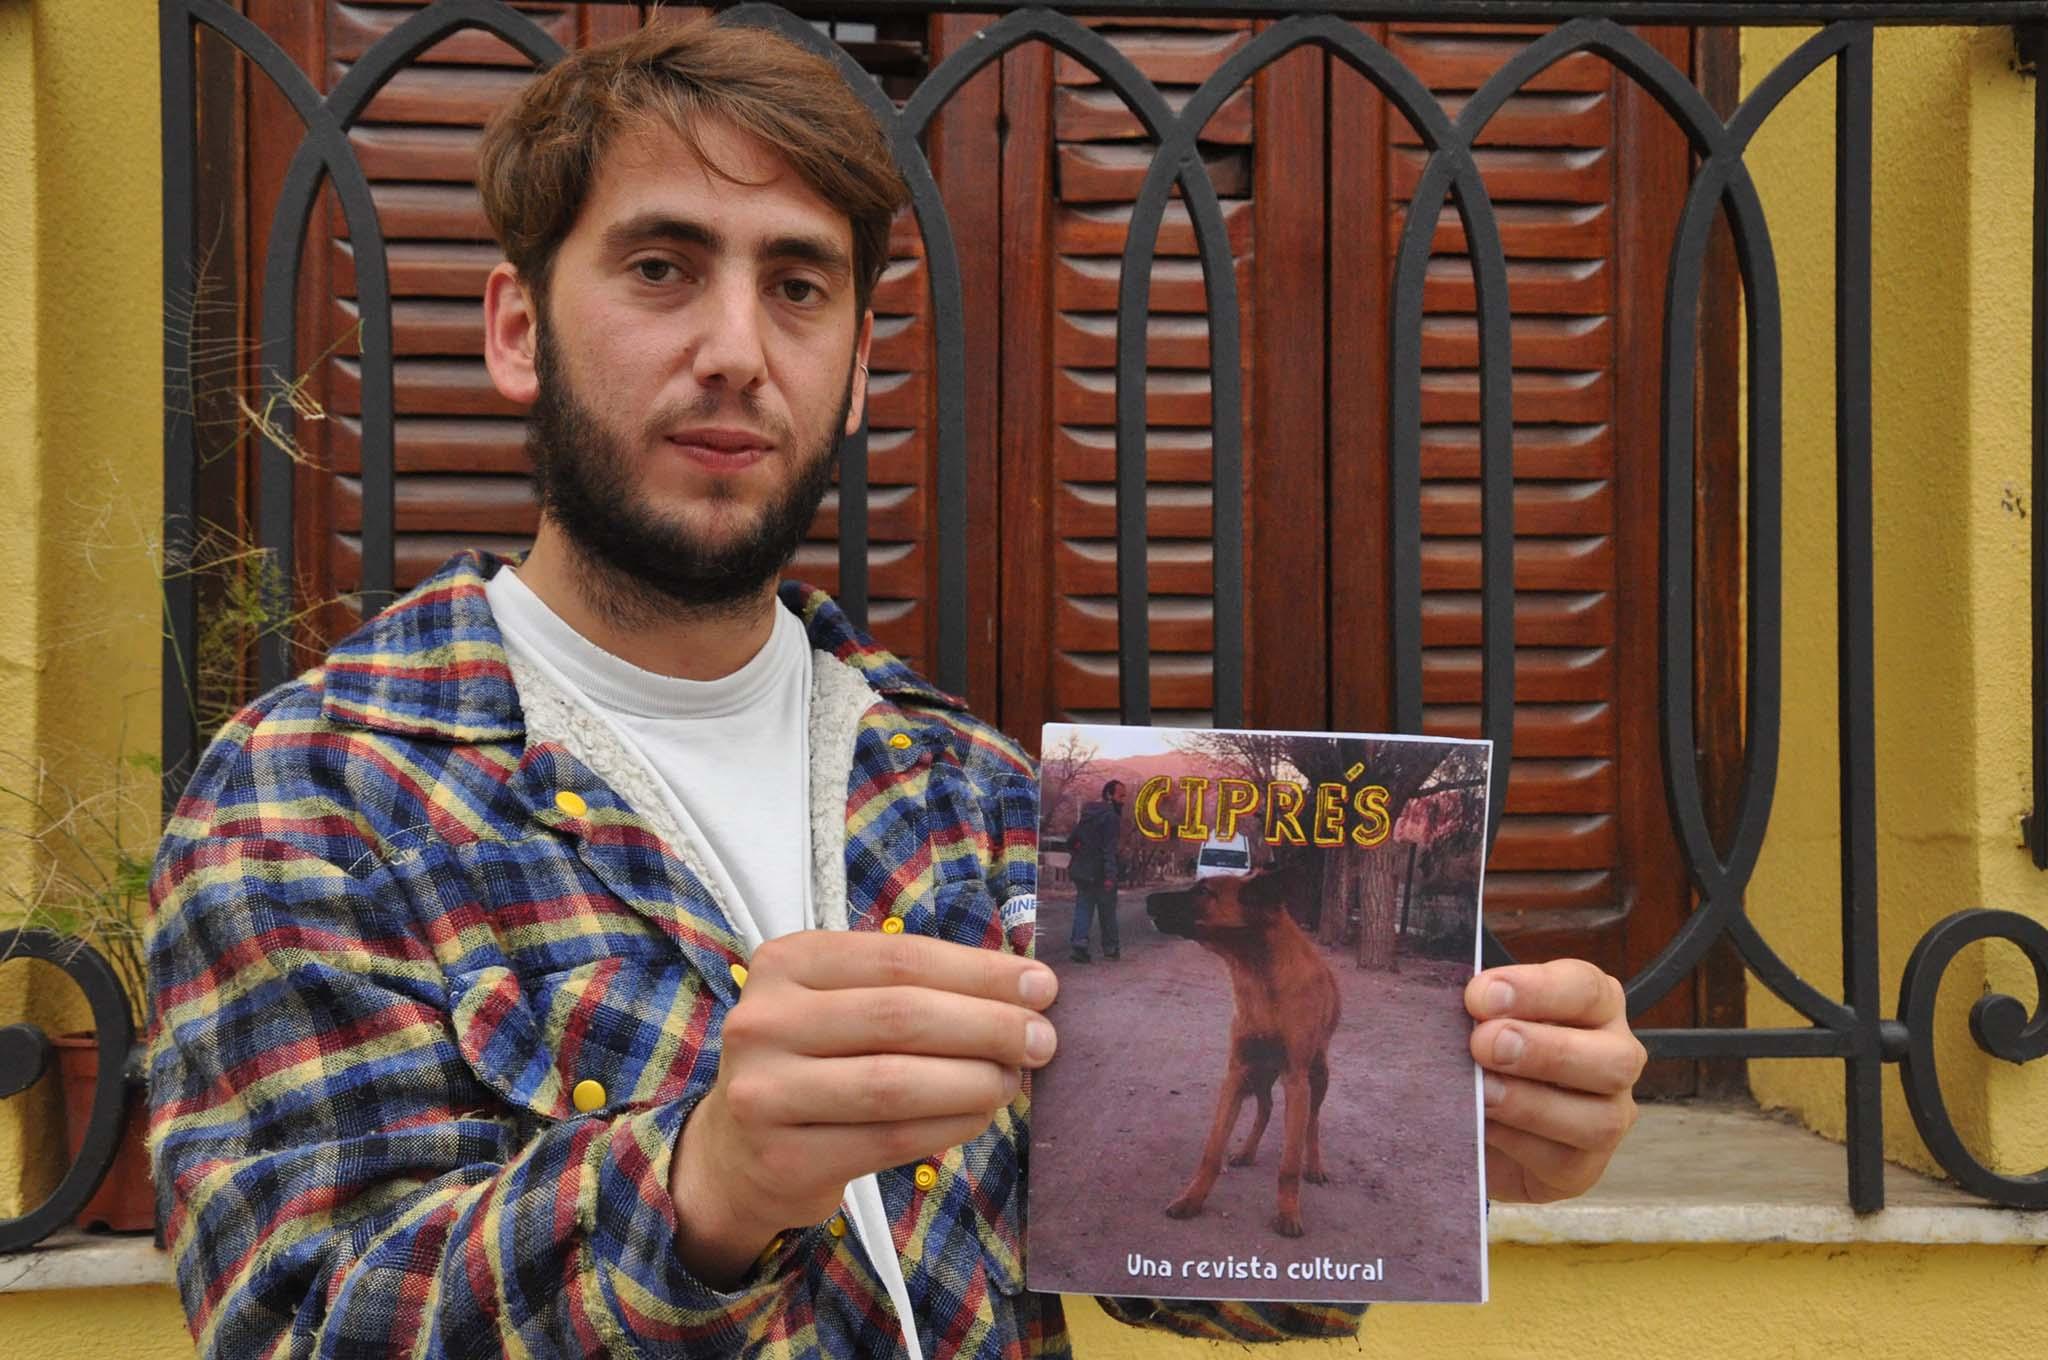 1ce379f3a14c2 Nueva propuesta literaria e independiente ~ Ladran Sancho